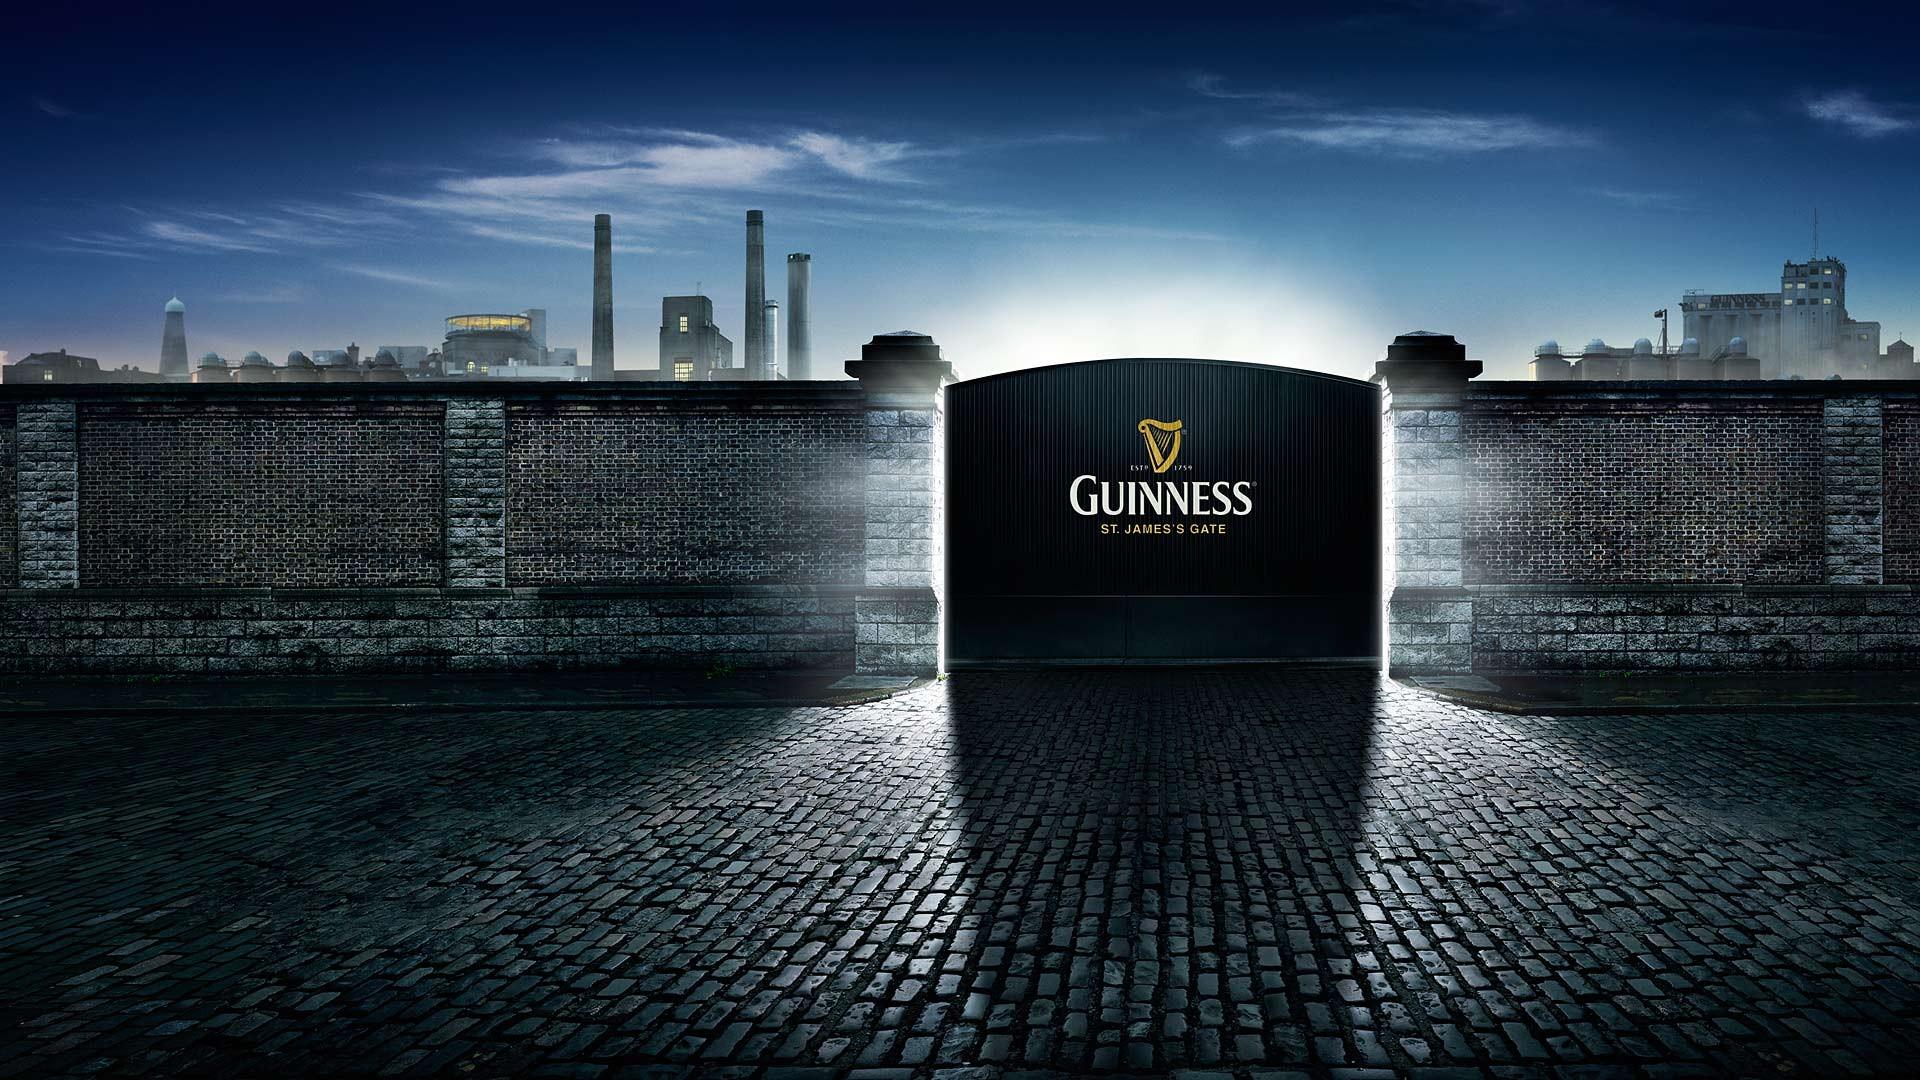 Guinness Computer Wallpapers Desktop Backgrounds